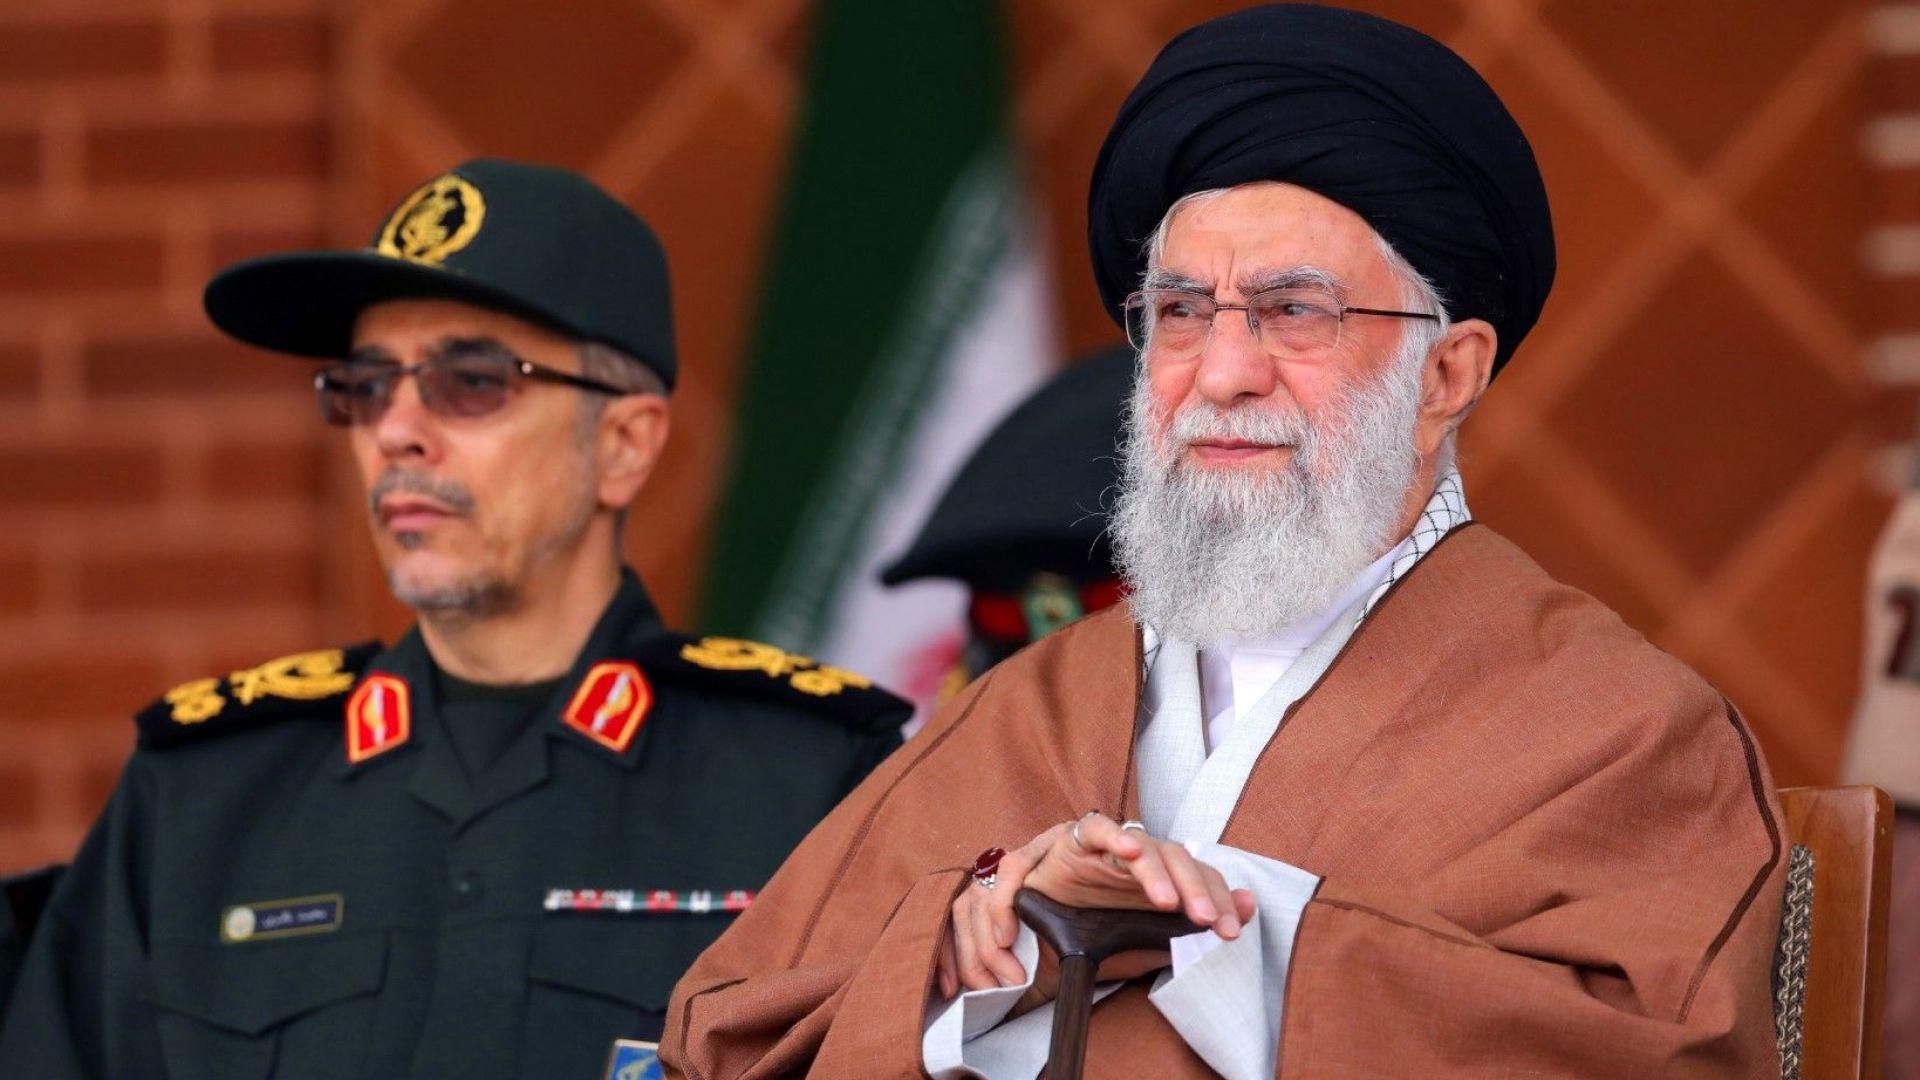 Върховният лидер на Иран произнесе днес реч по повод навършващите